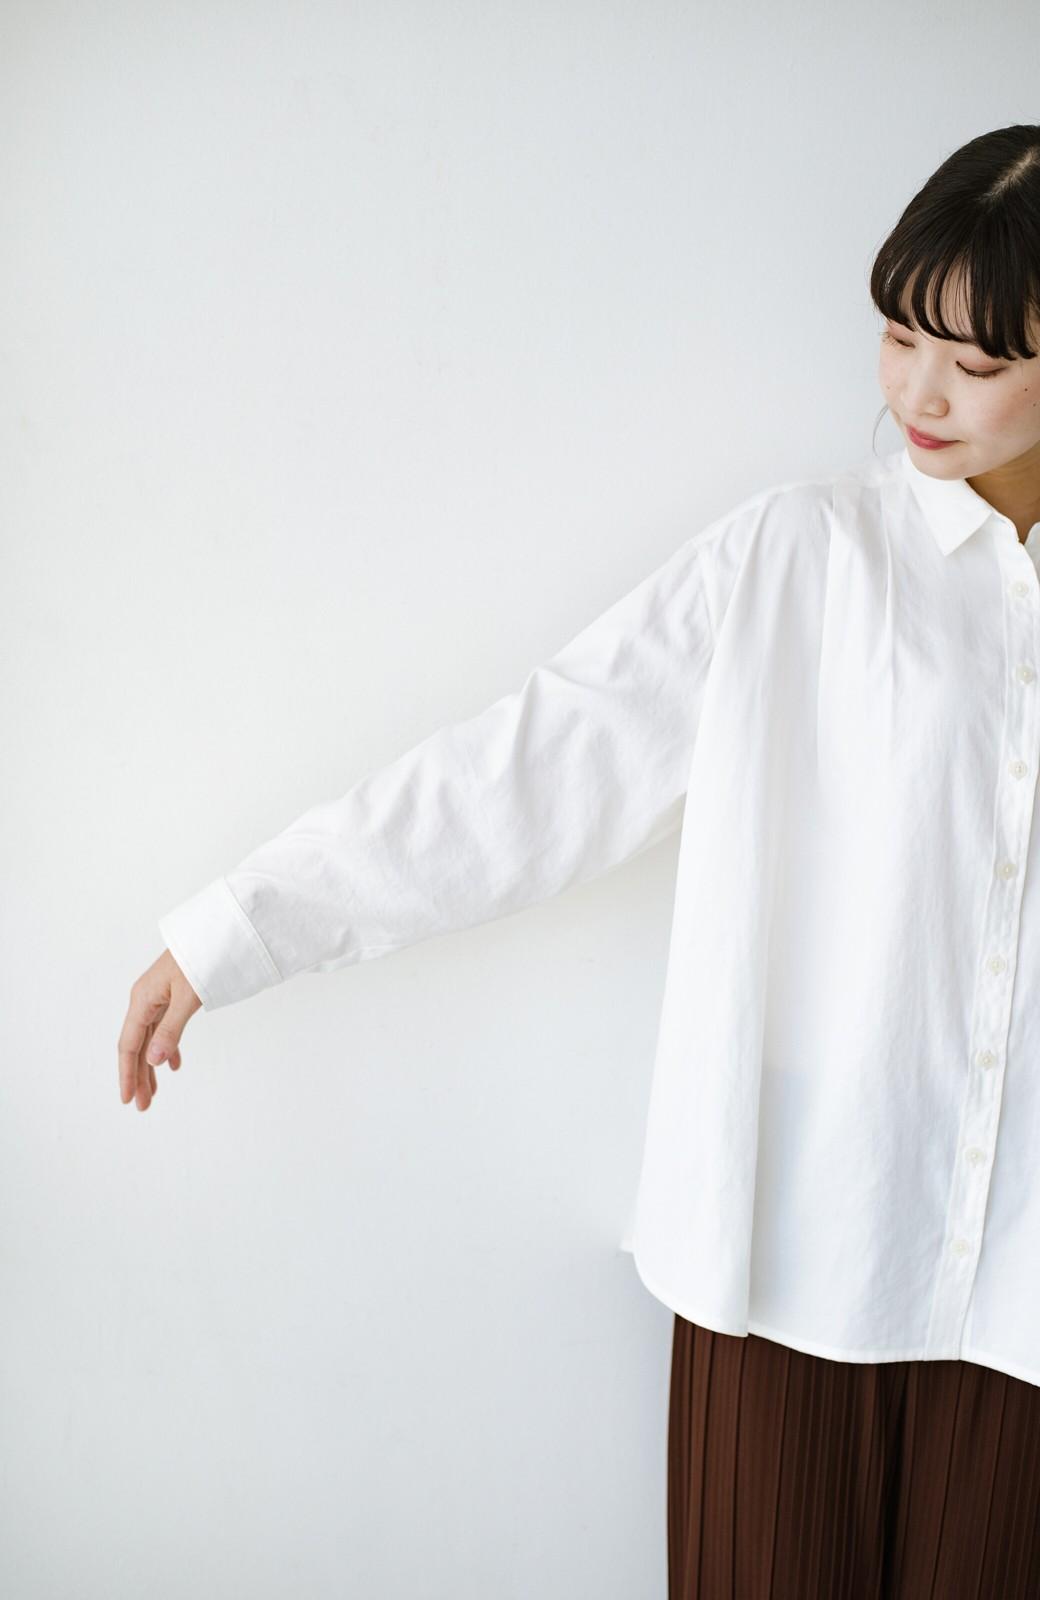 haco! ニットとのこなれた重ね着が簡単にできる!なめらか素材でつくった大人のためのシンプルシャツ <ホワイト>の商品写真19